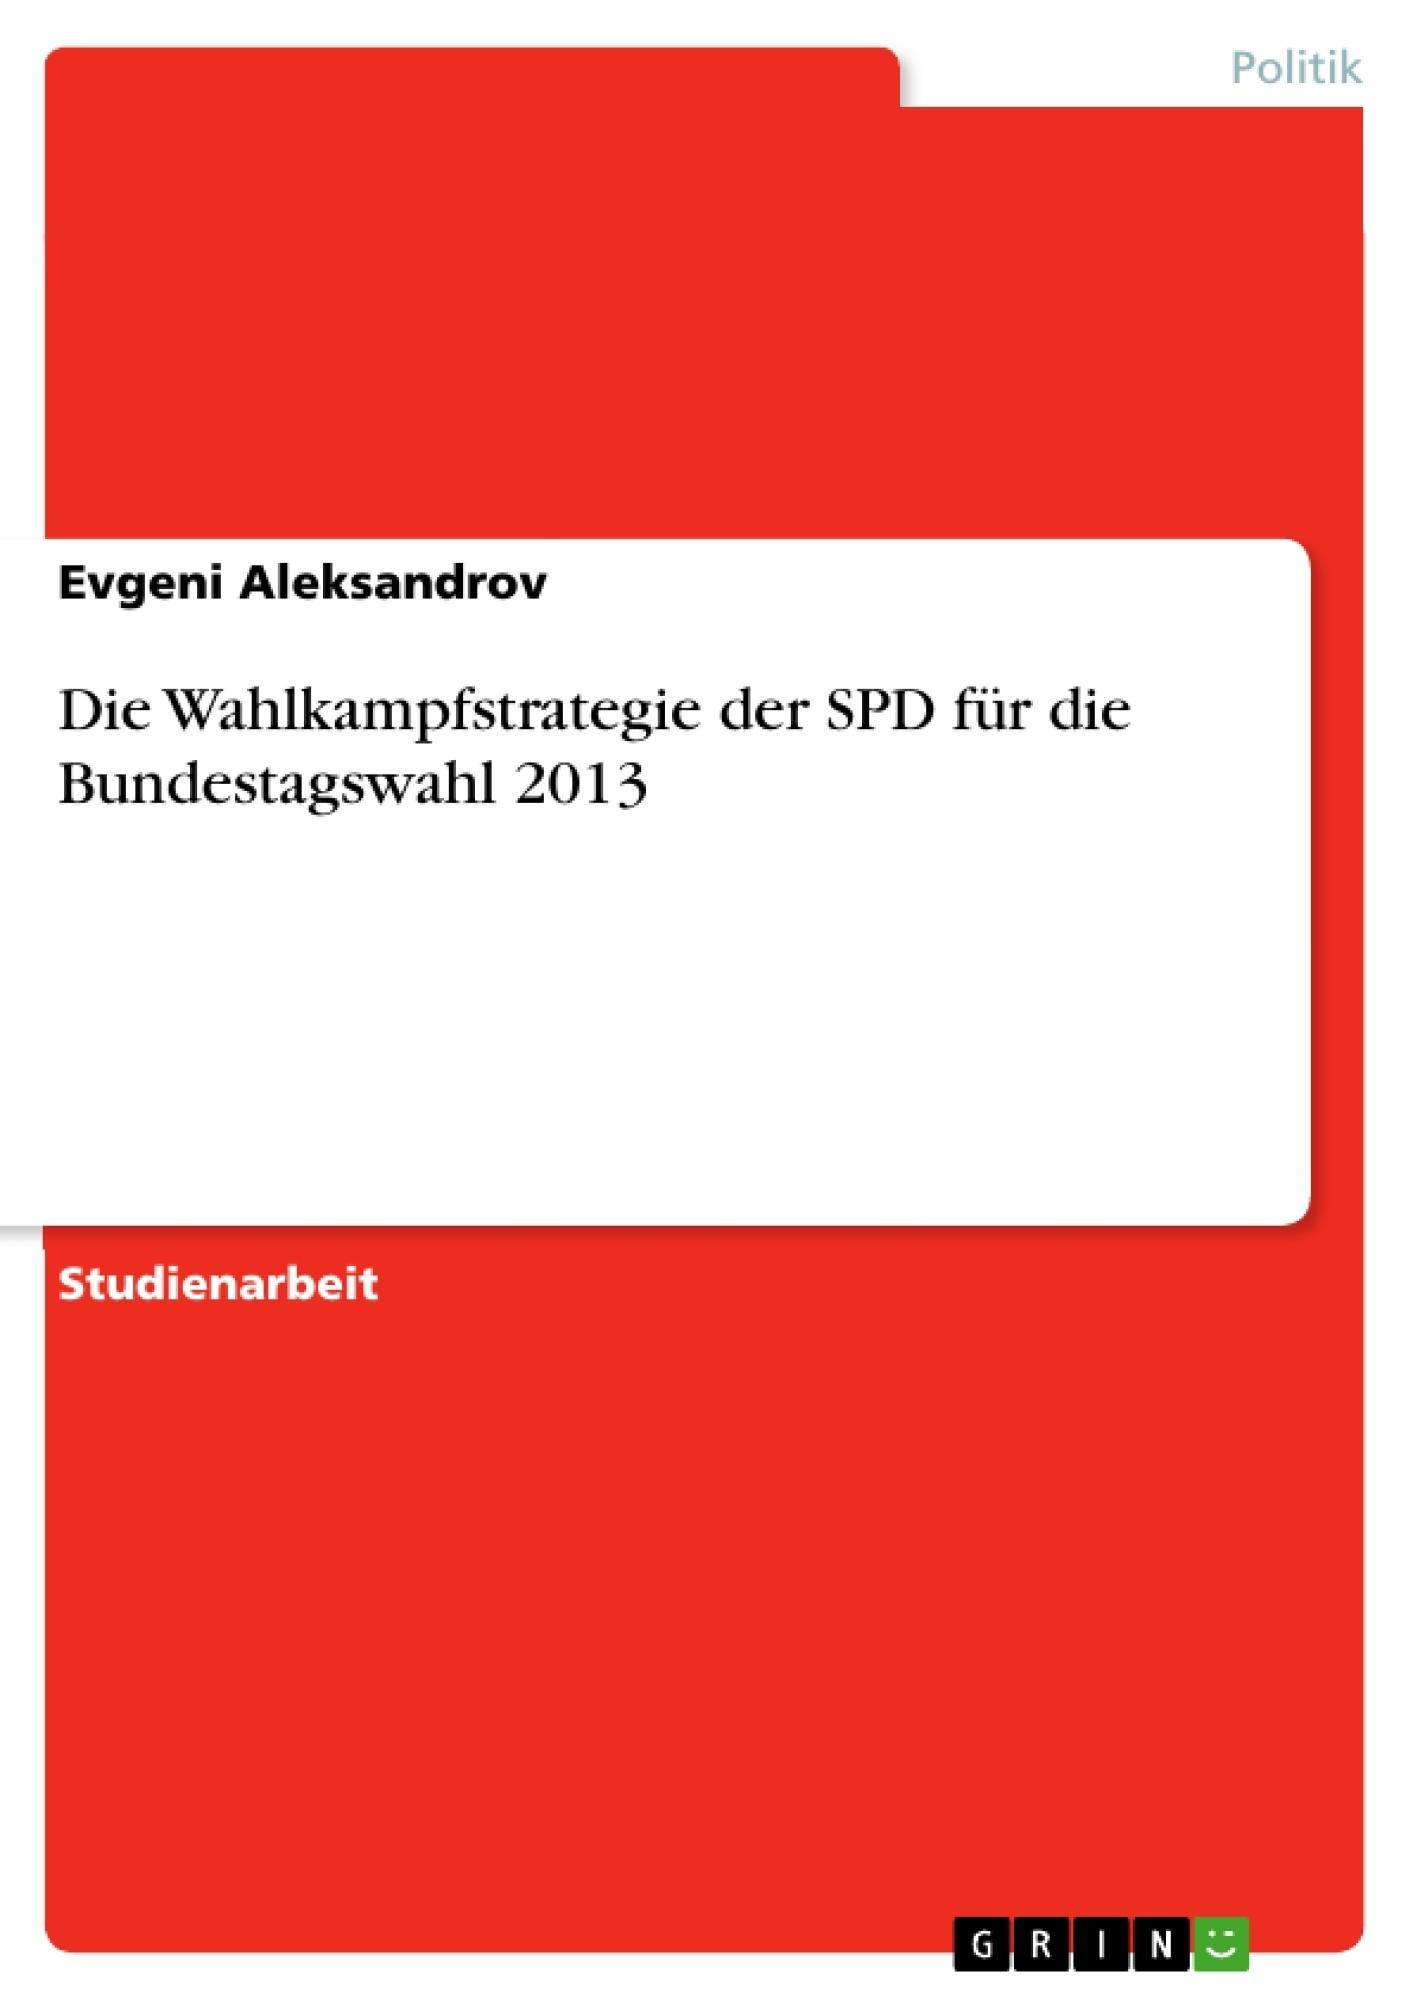 Titel: Die Wahlkampfstrategie der SPD für die Bundestagswahl 2013